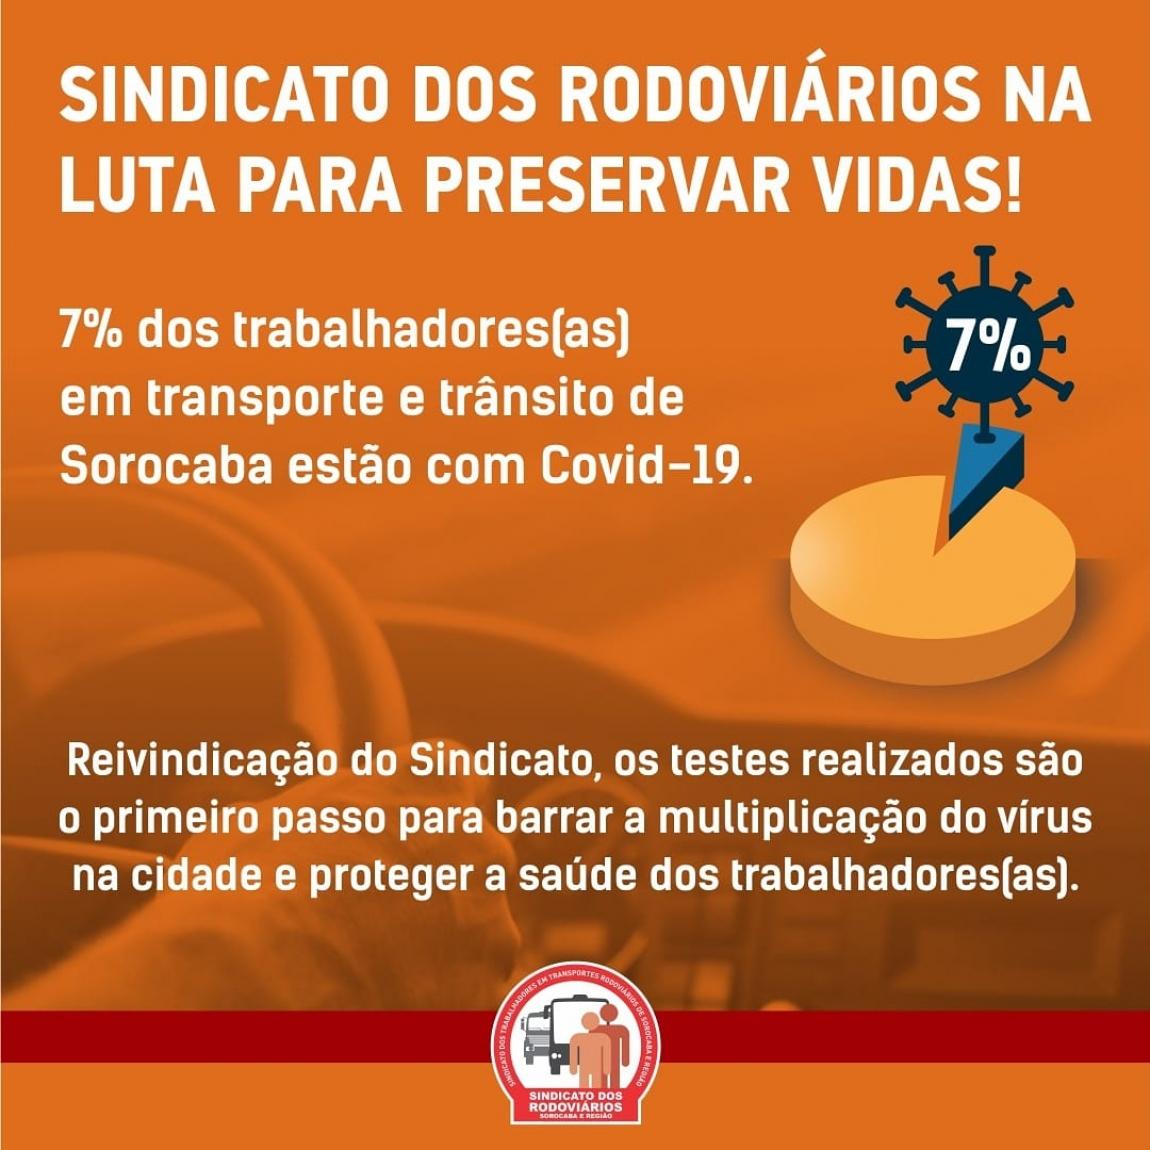 Imagem de Sorocaba: 7% dos trabalhadores em transporte e trânsito estão com Covid-19, aponta estudo do Sindicato